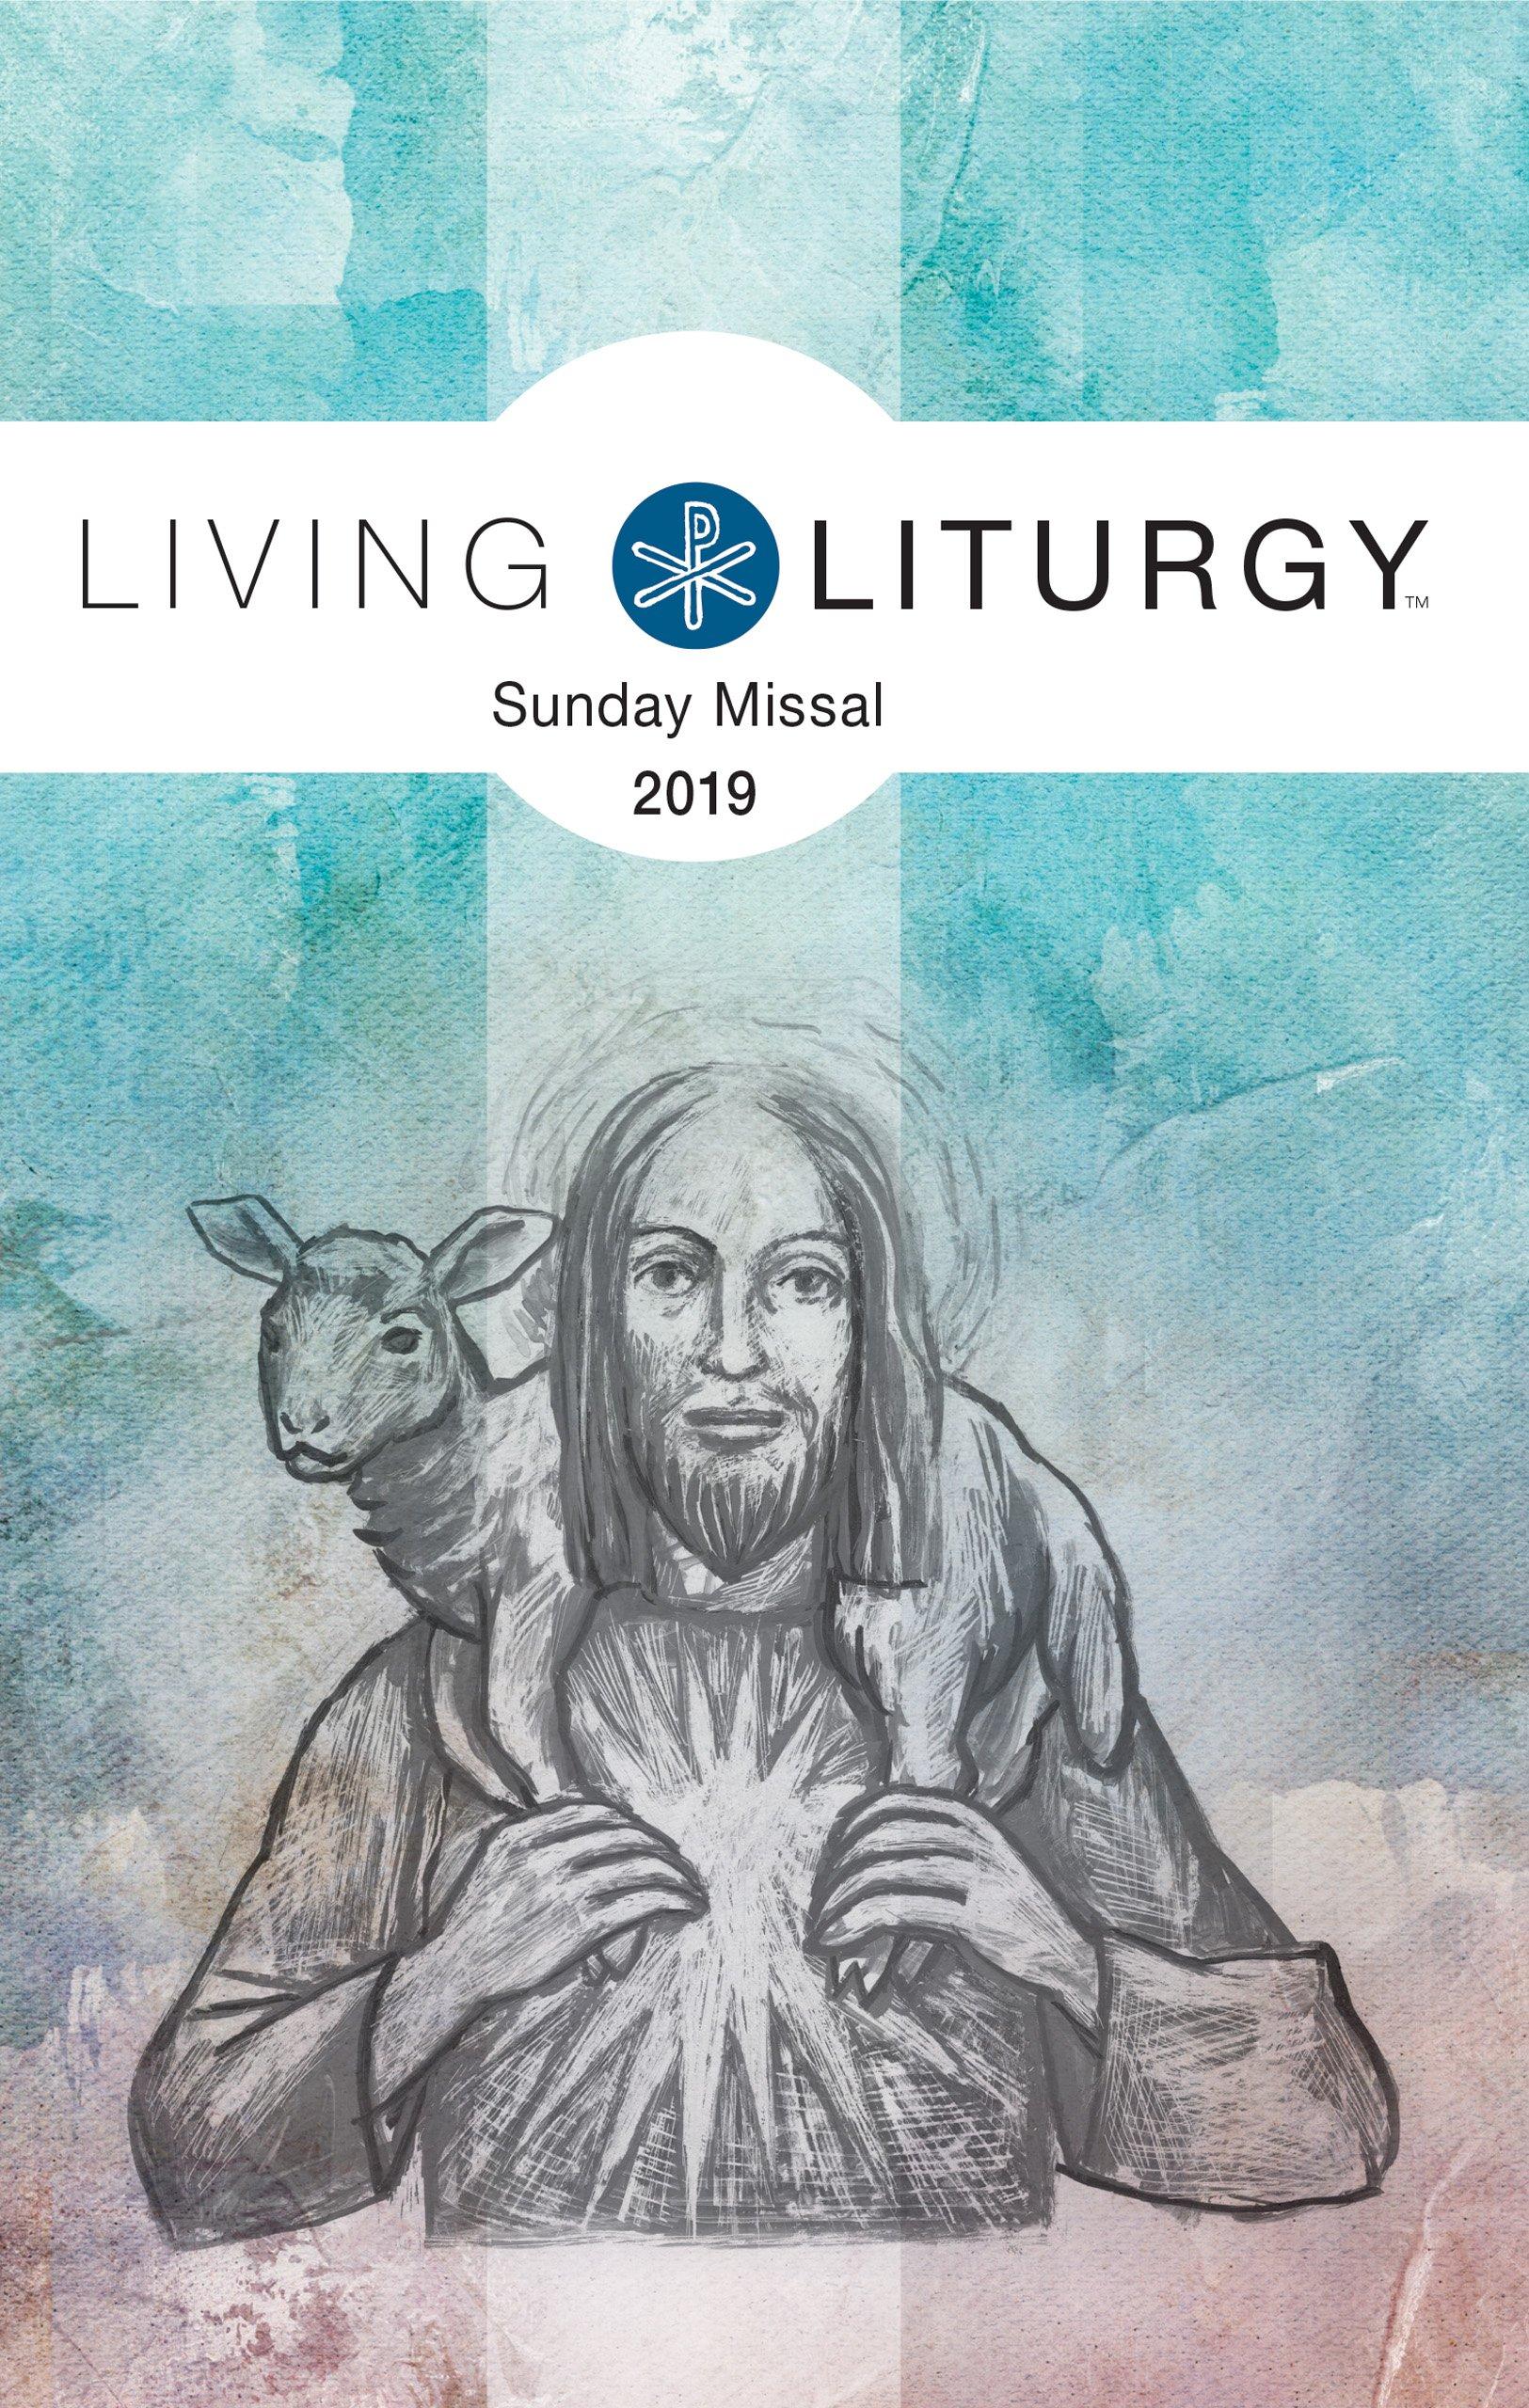 Living LiturgyTM Sunday Missal 2019: Various: 9780814644508